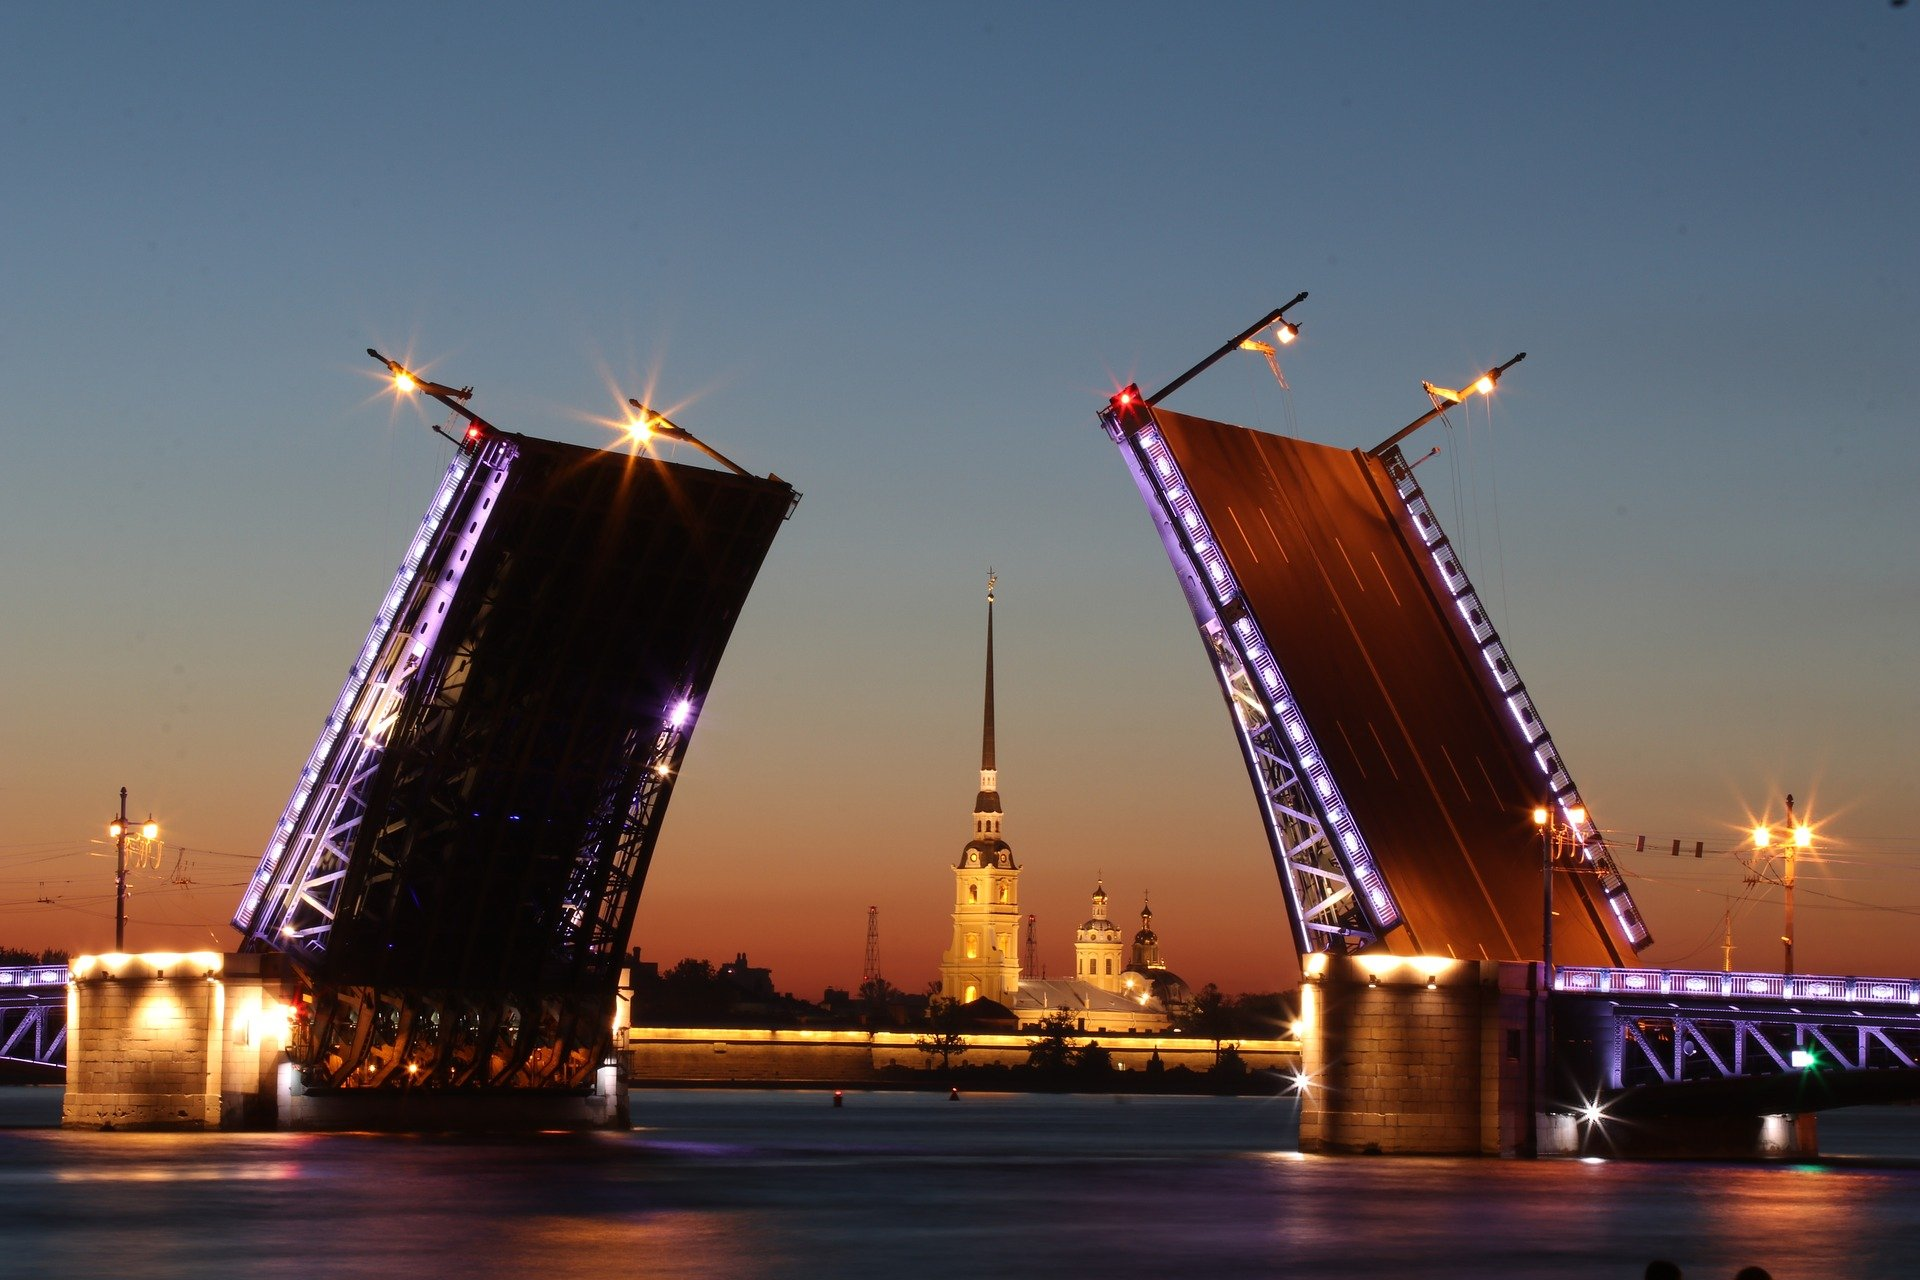 В Санкт-Петербурге стартовал сезон навигации